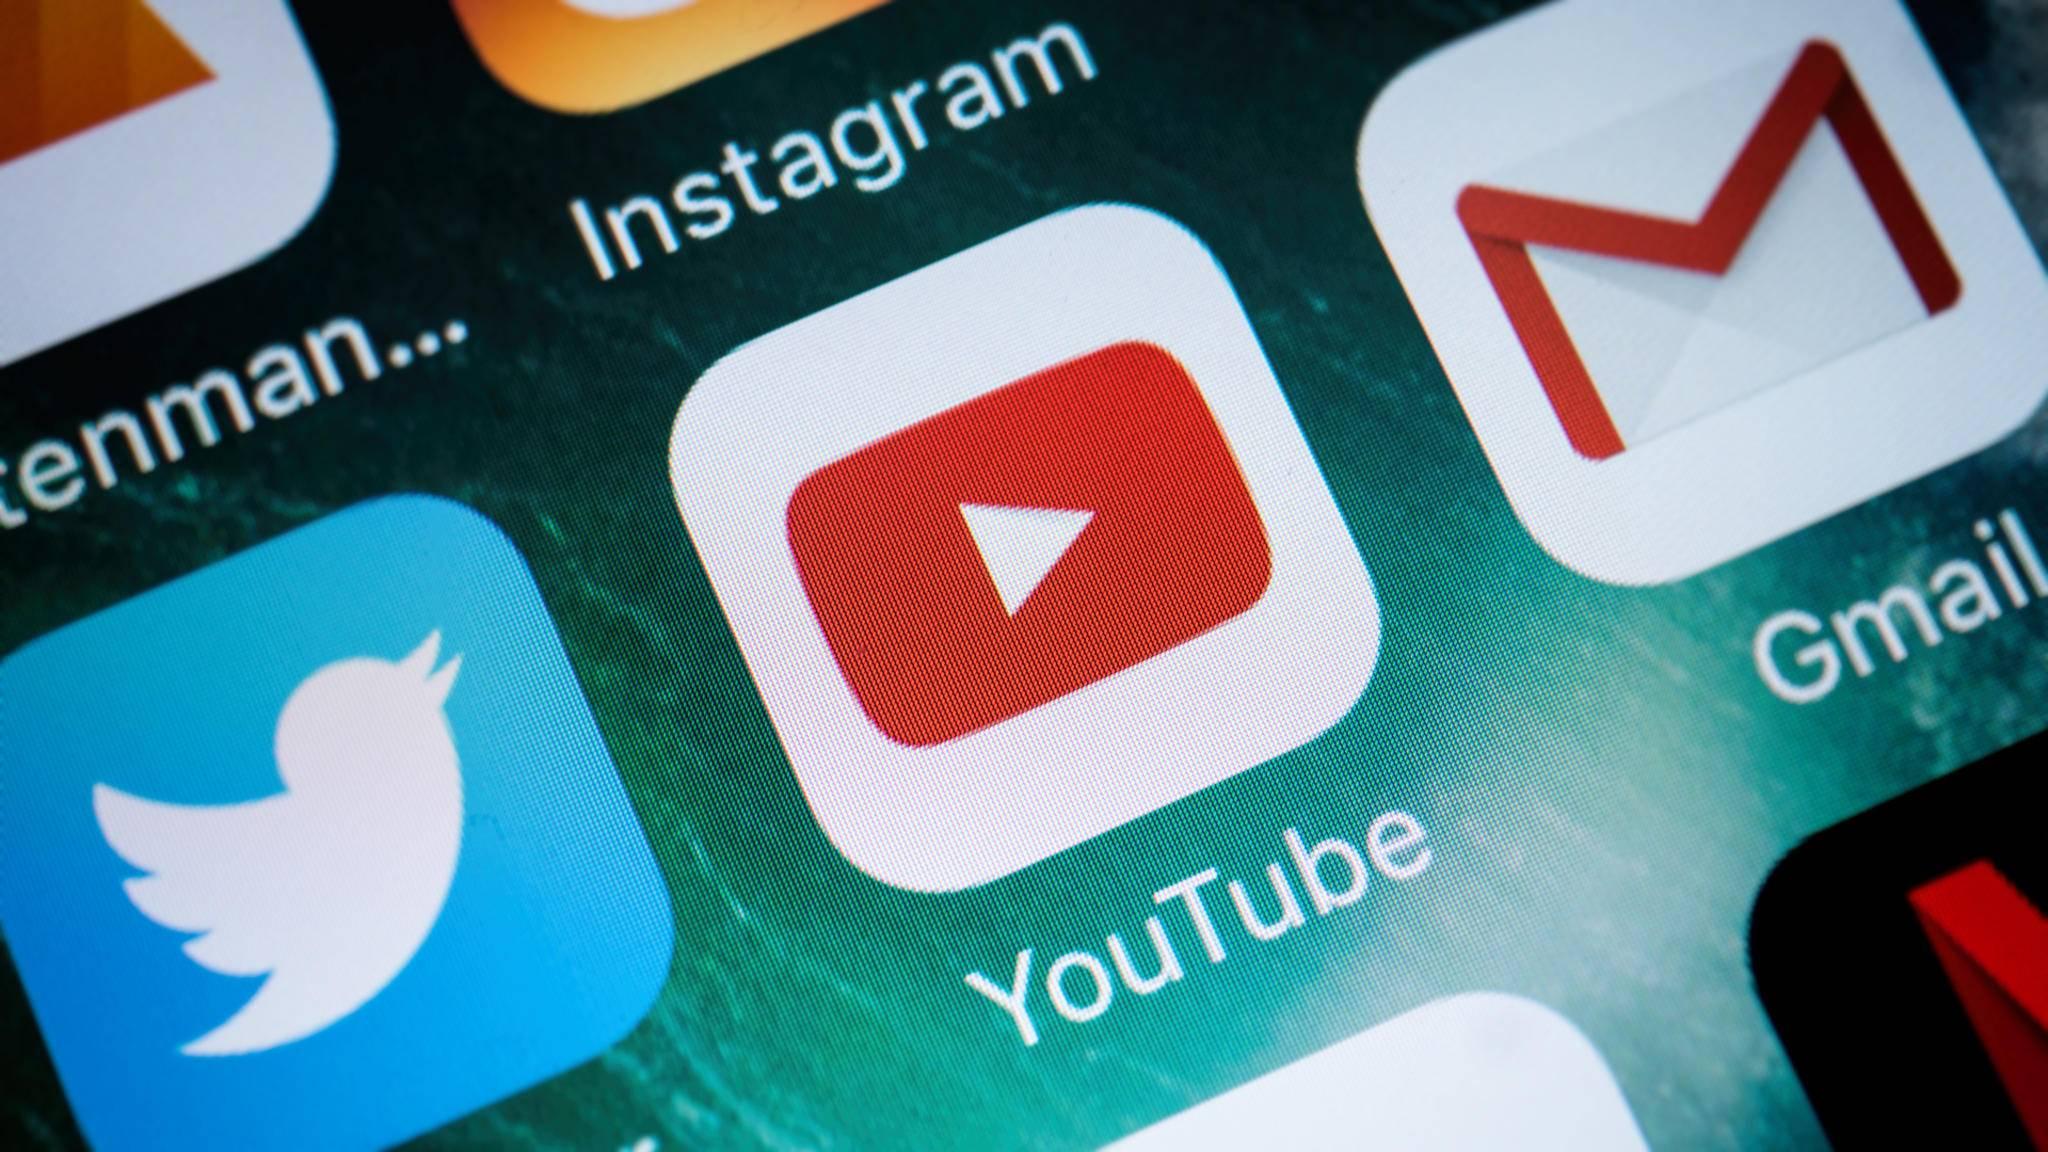 Wir zeigen sechs Alternativen zum Videoportal YouTube.